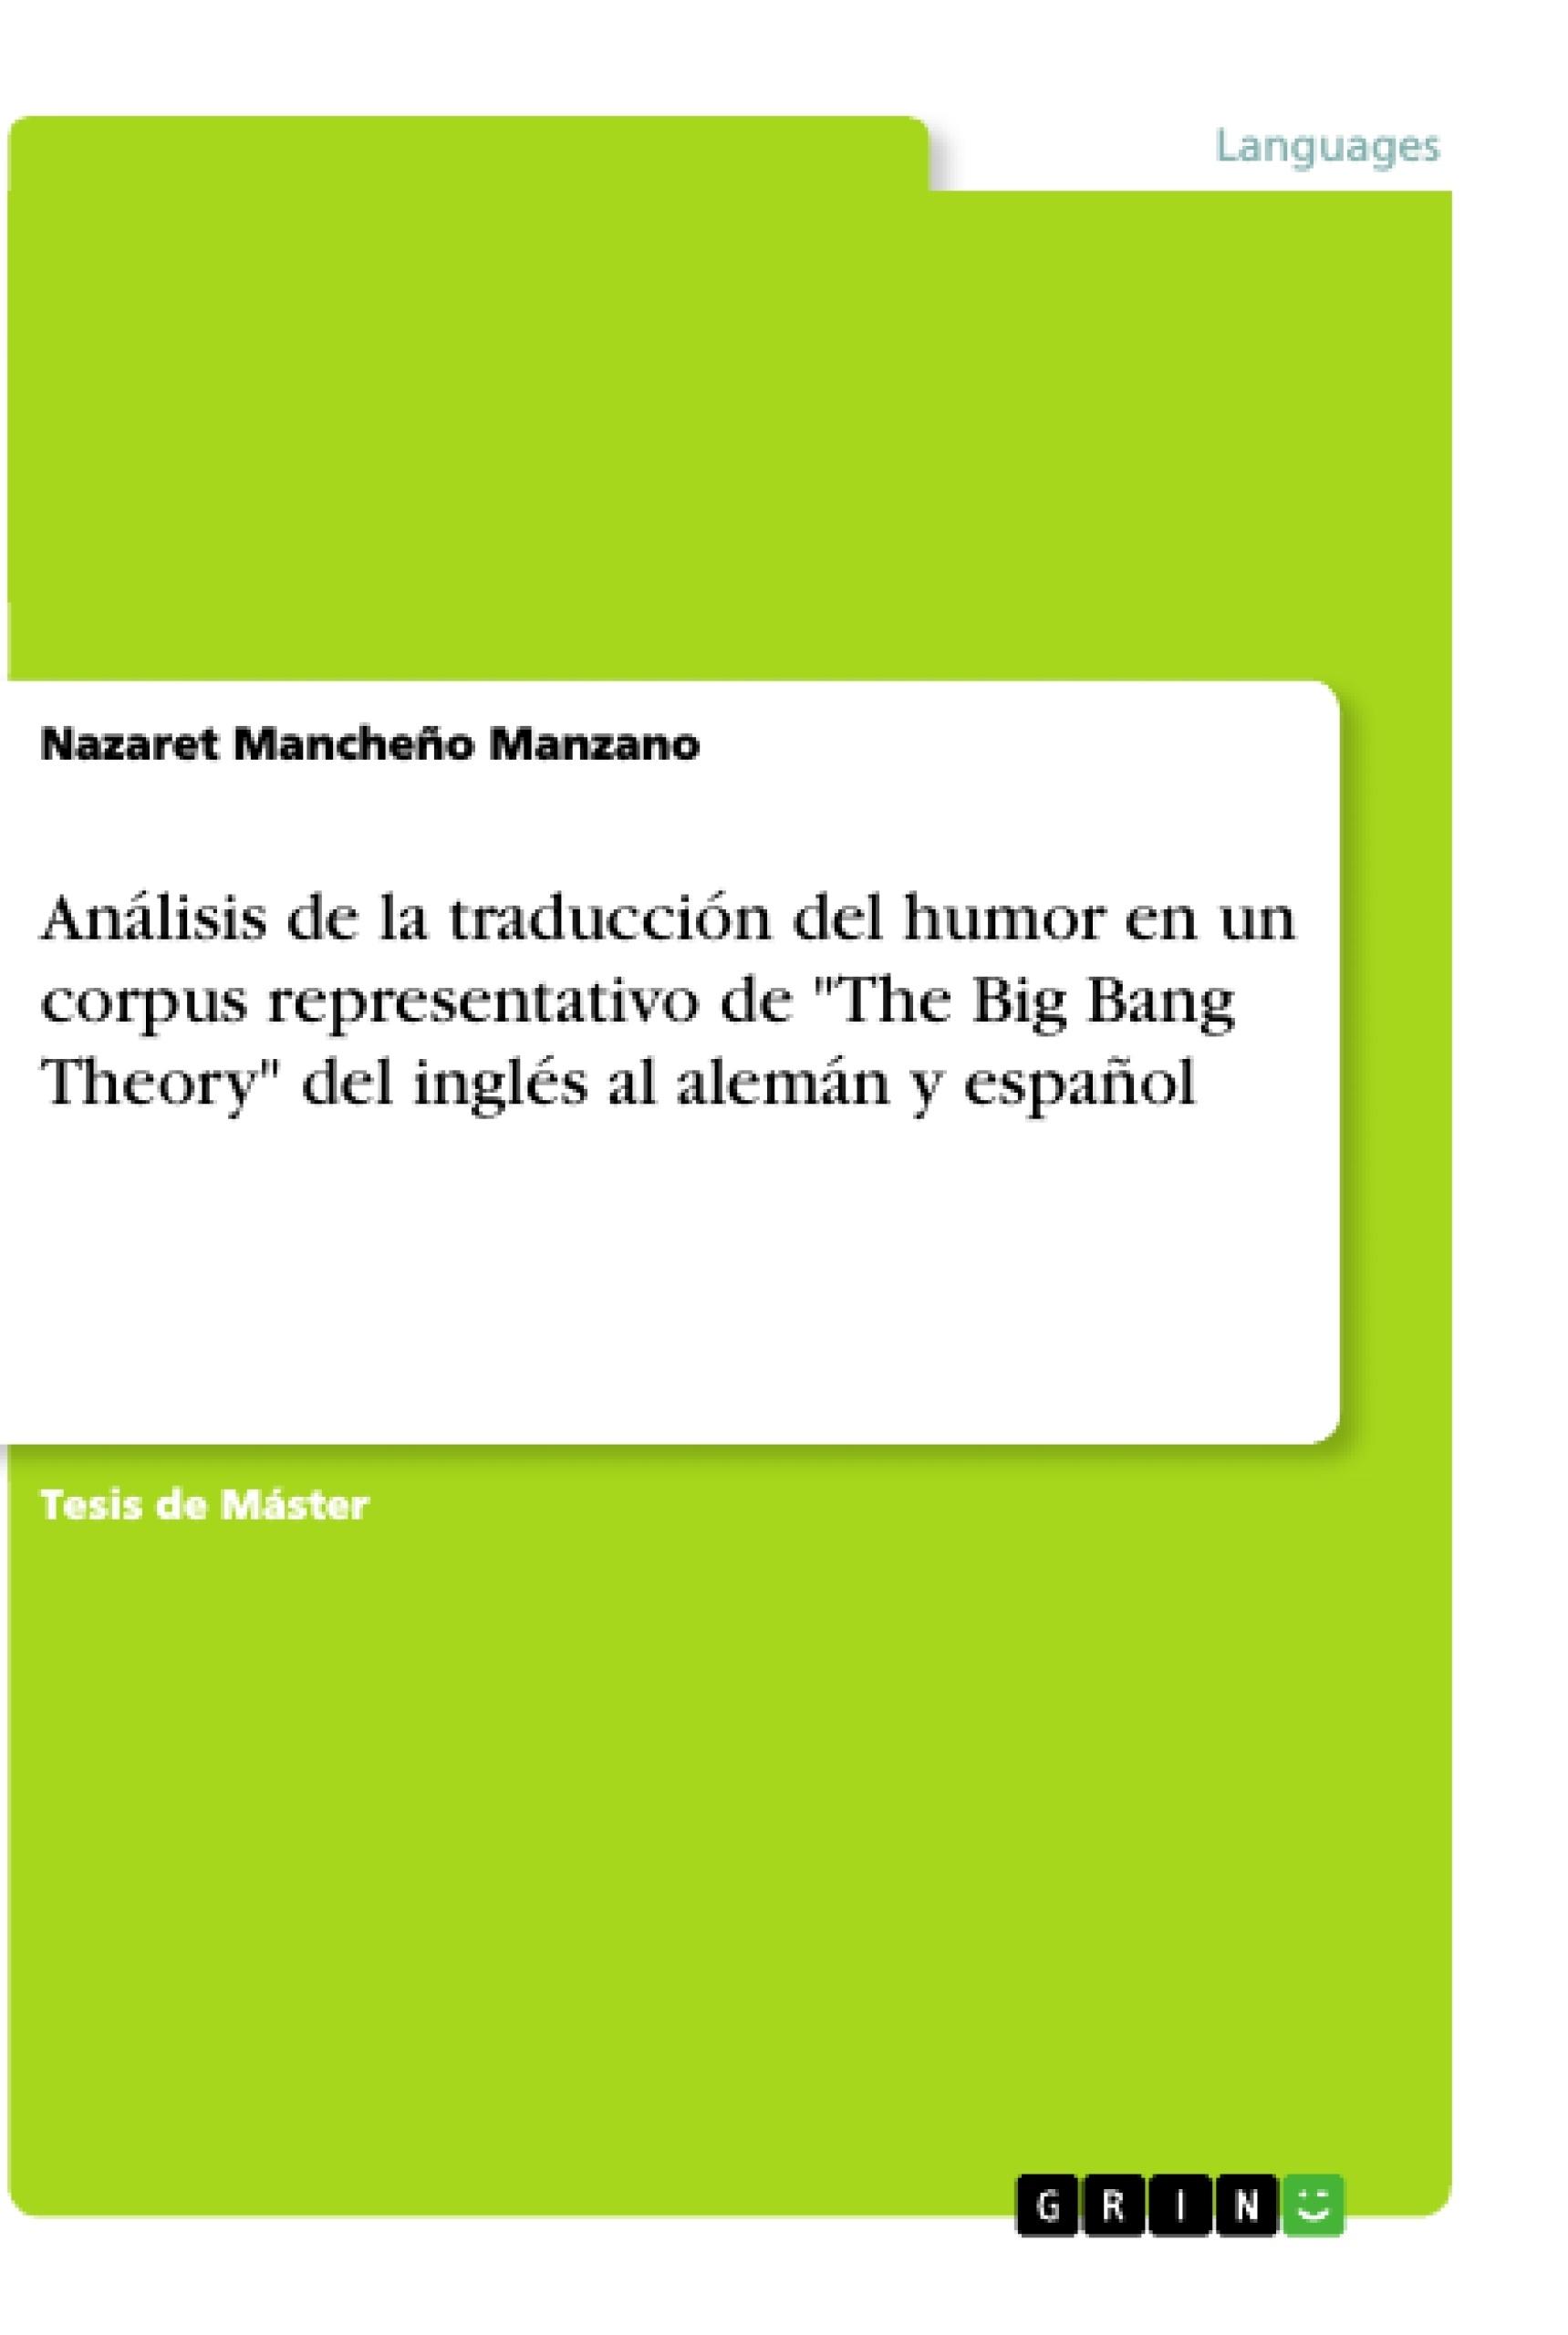 """Título: Análisis de la traducción del humor en un corpus representativo de """"The Big Bang Theory"""" del inglés al alemán y español"""